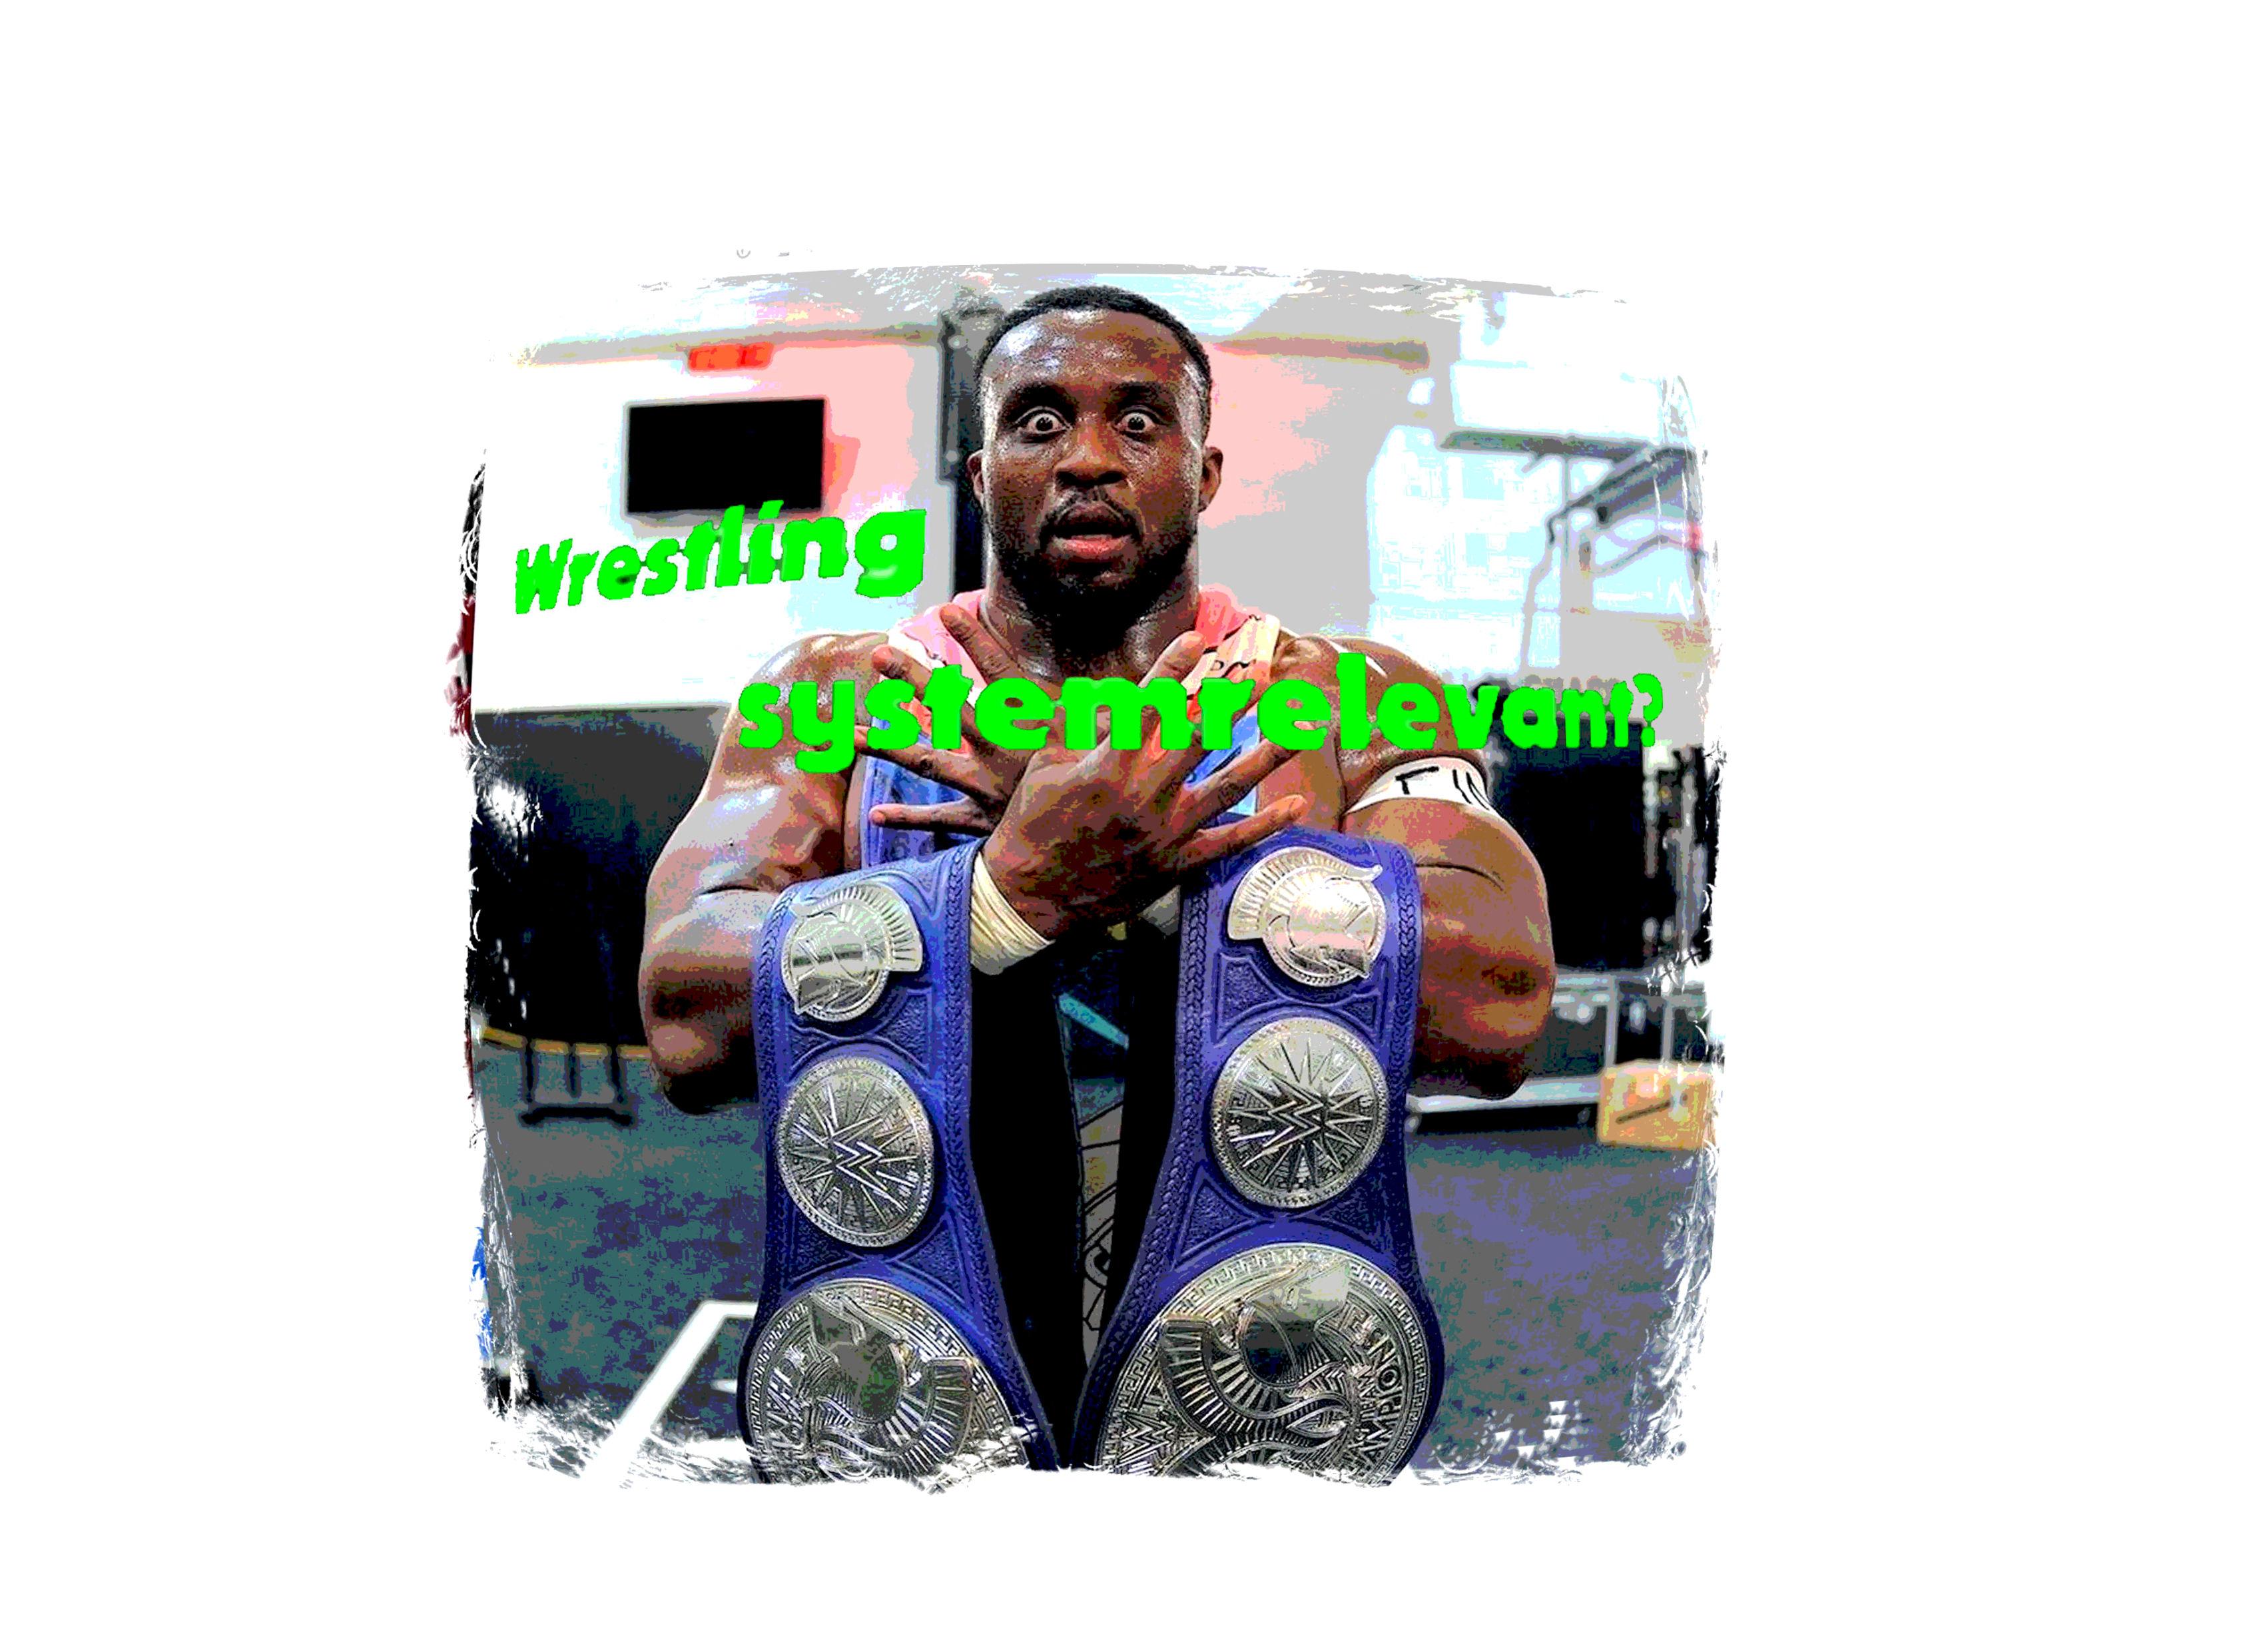 Wrestling Systemrelevant